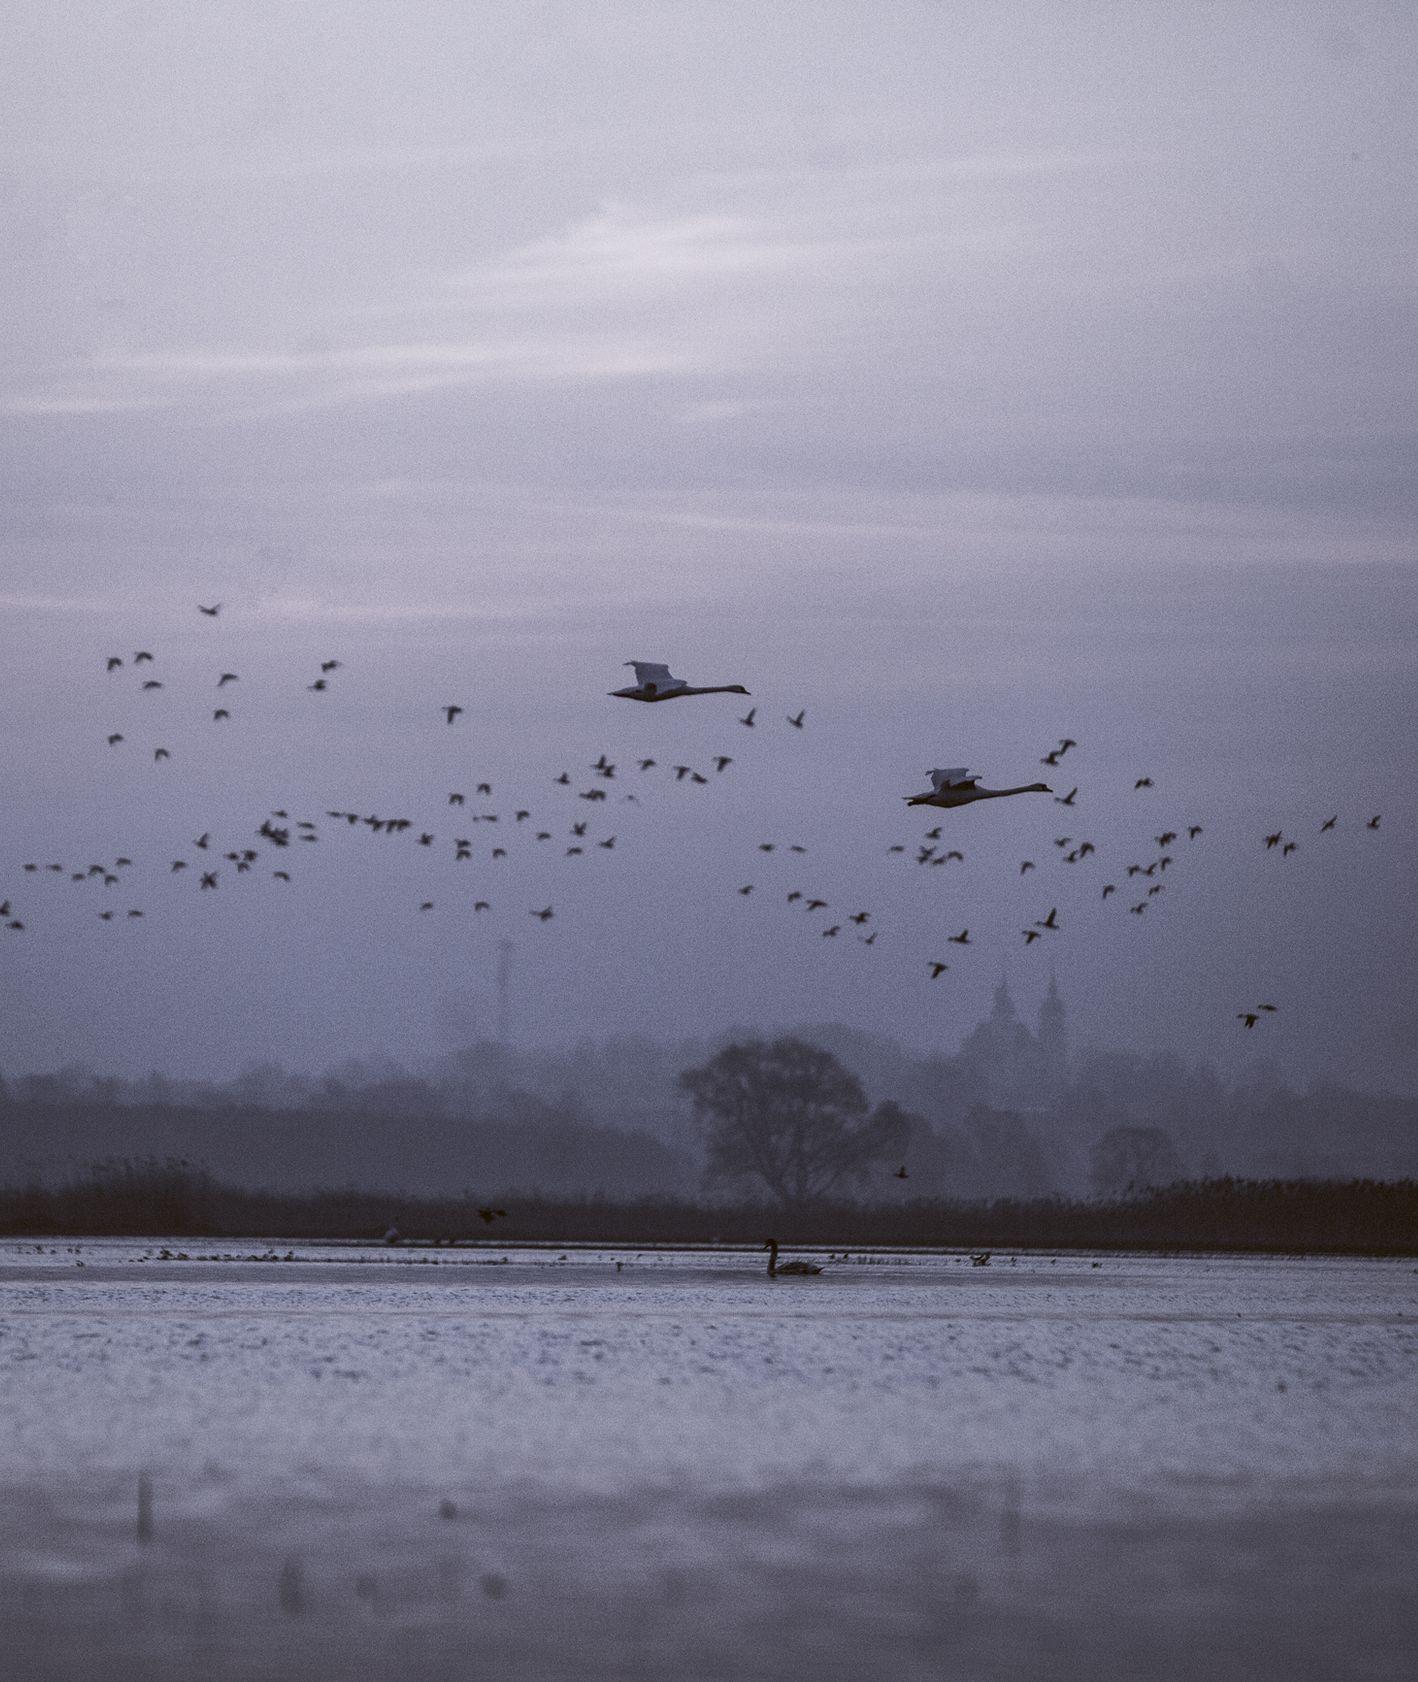 Krajobraz Biebrzańskiego Parku Narodowego, przelot ptaków nad Biebrzą, zmierzch (fot. Rafał Meszka)